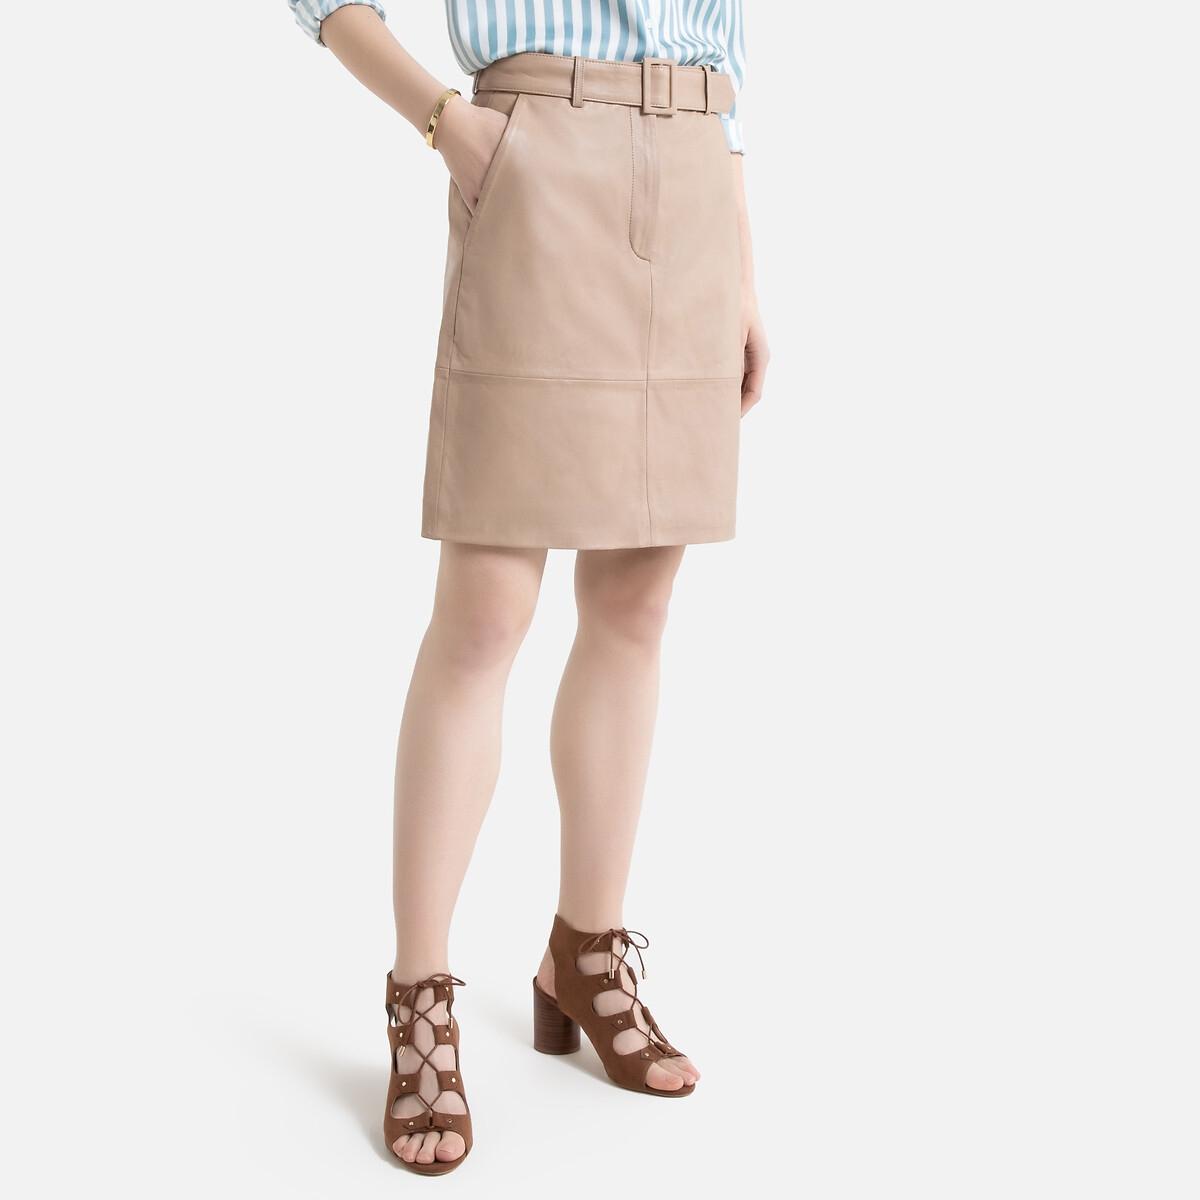 Falda corta de piel, con cinturón